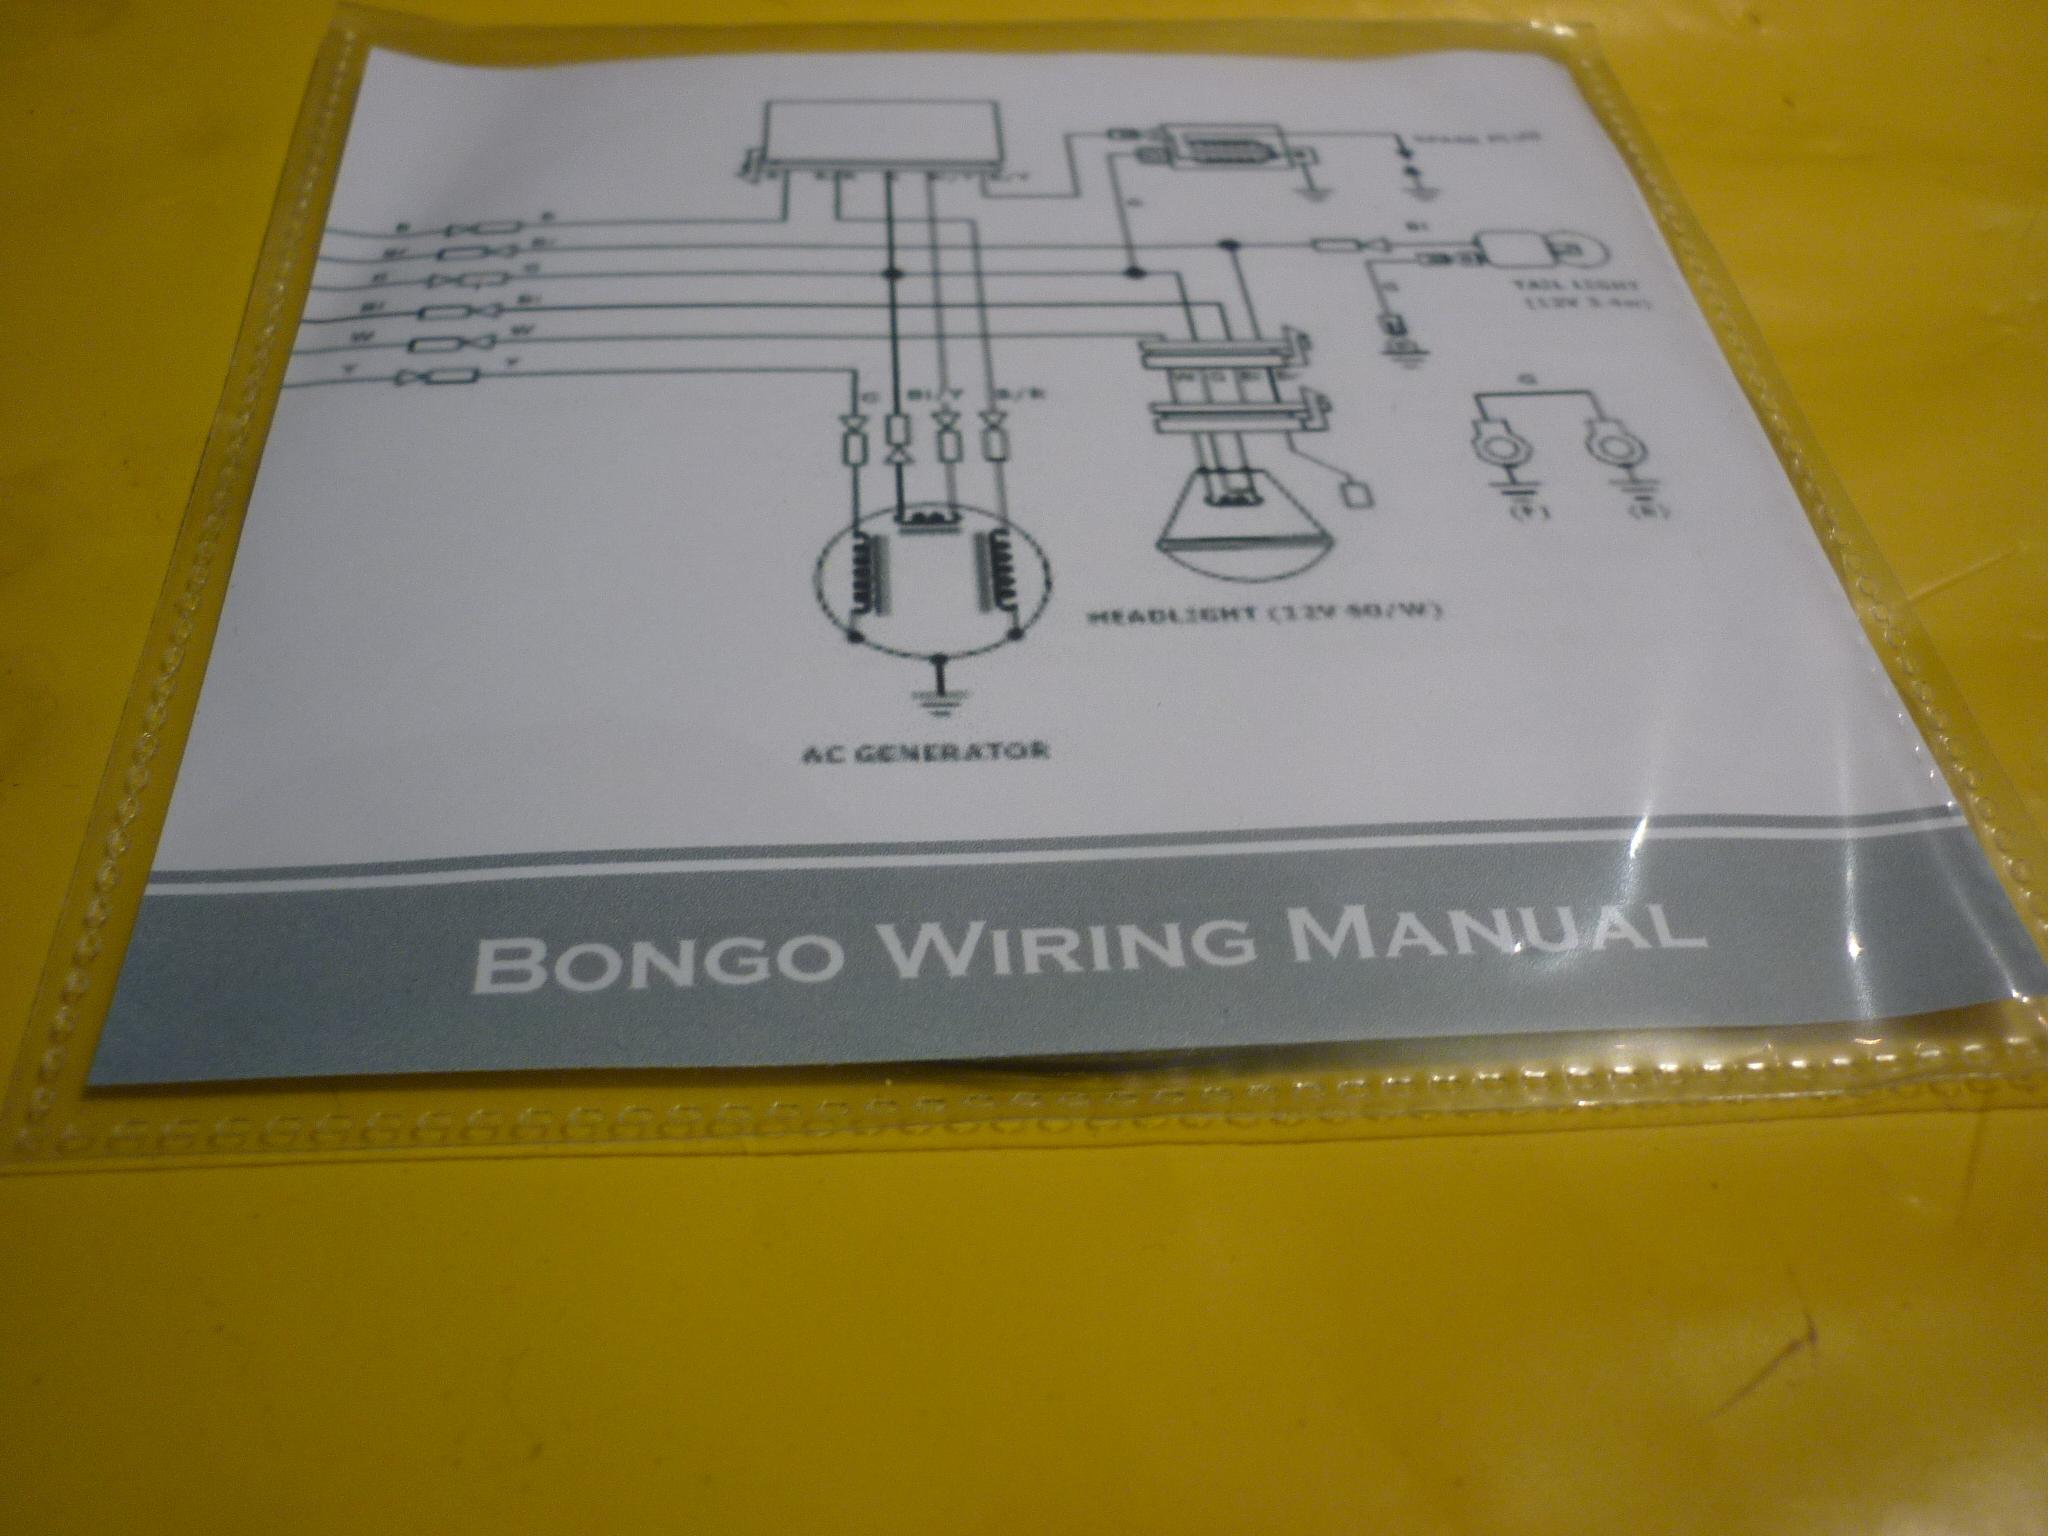 Wiring Manual CD